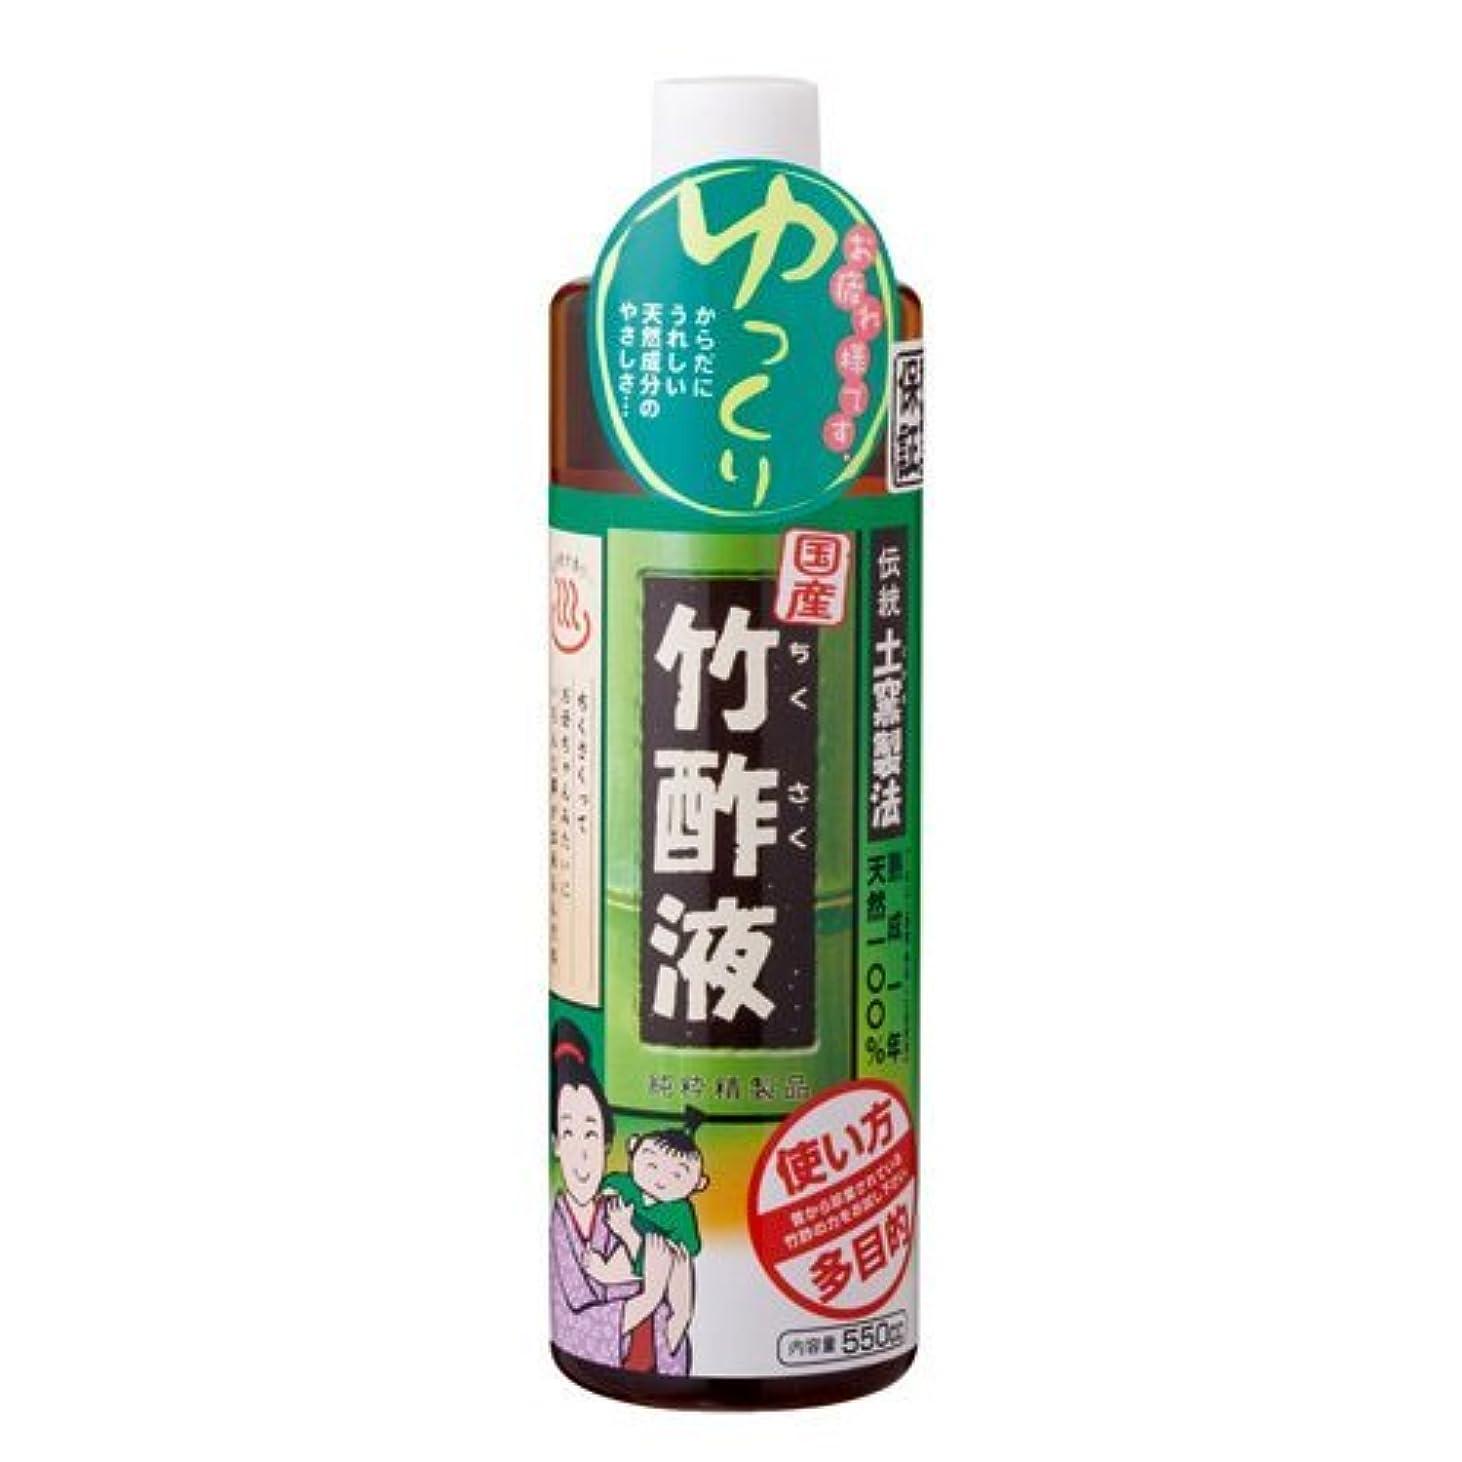 剥ぎ取るストライプ漏れ高級竹酢液 550ml